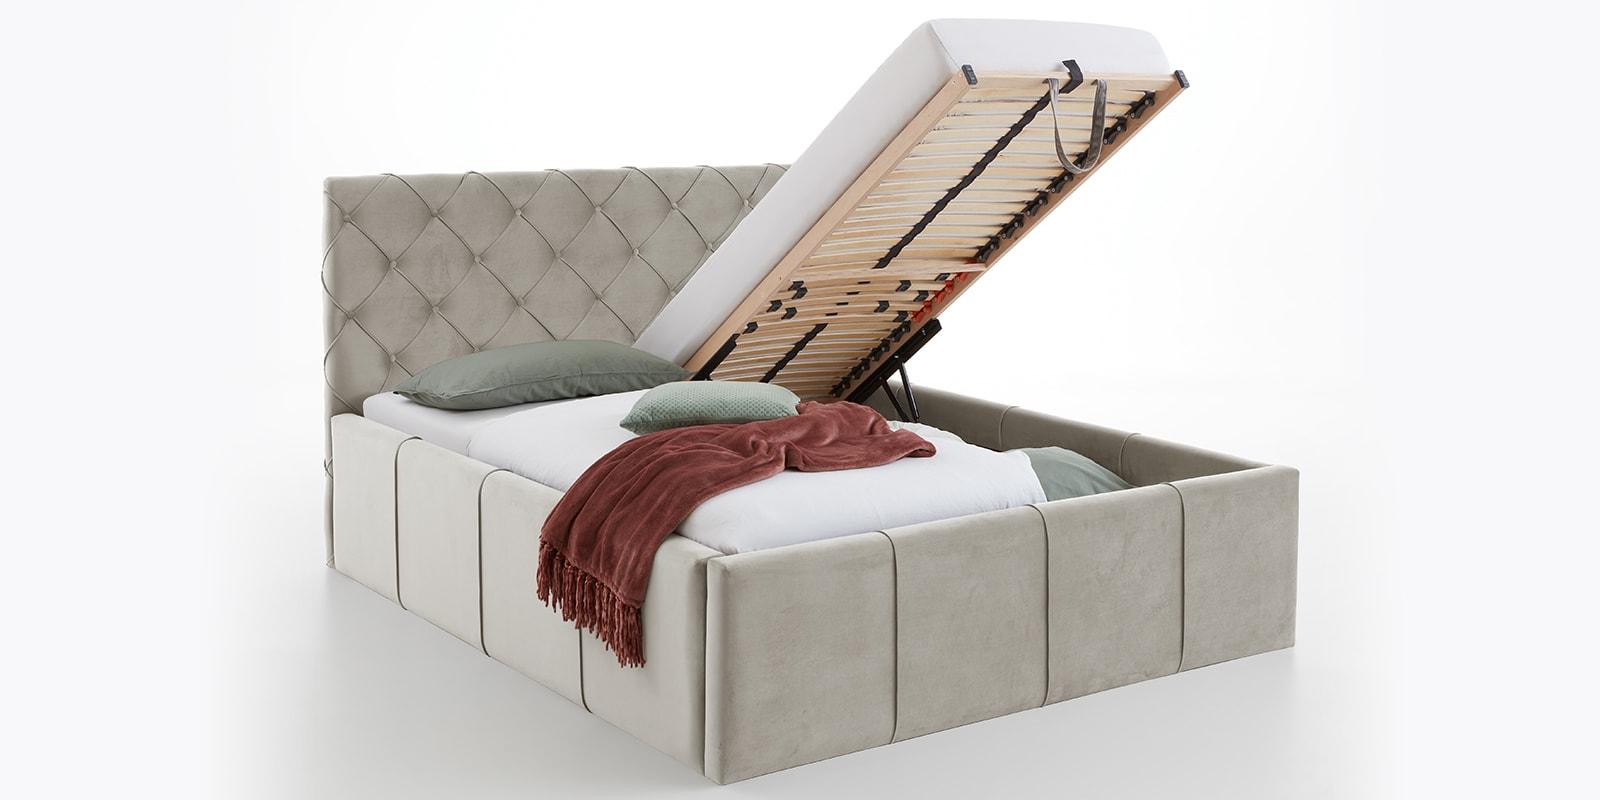 Moebella24 - Bett - mit - Bettkasten - Nelly - Samt - Altweiß -XXL-Stauraum - Keder - Bettkasten-vormontiert - Kopfteil - mit - Knopfheftung